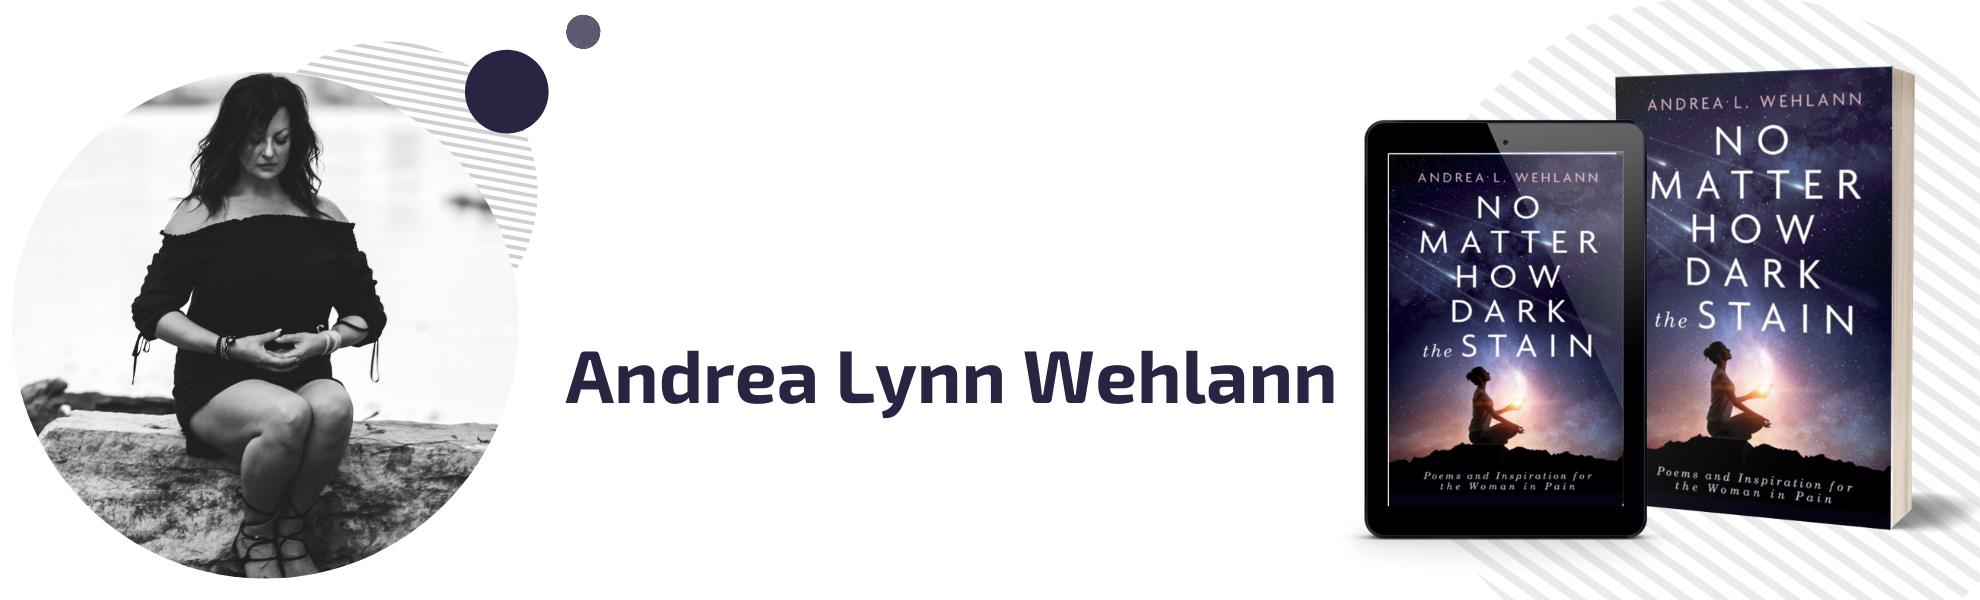 Andrea Lynn Wehlann Poetry Cover